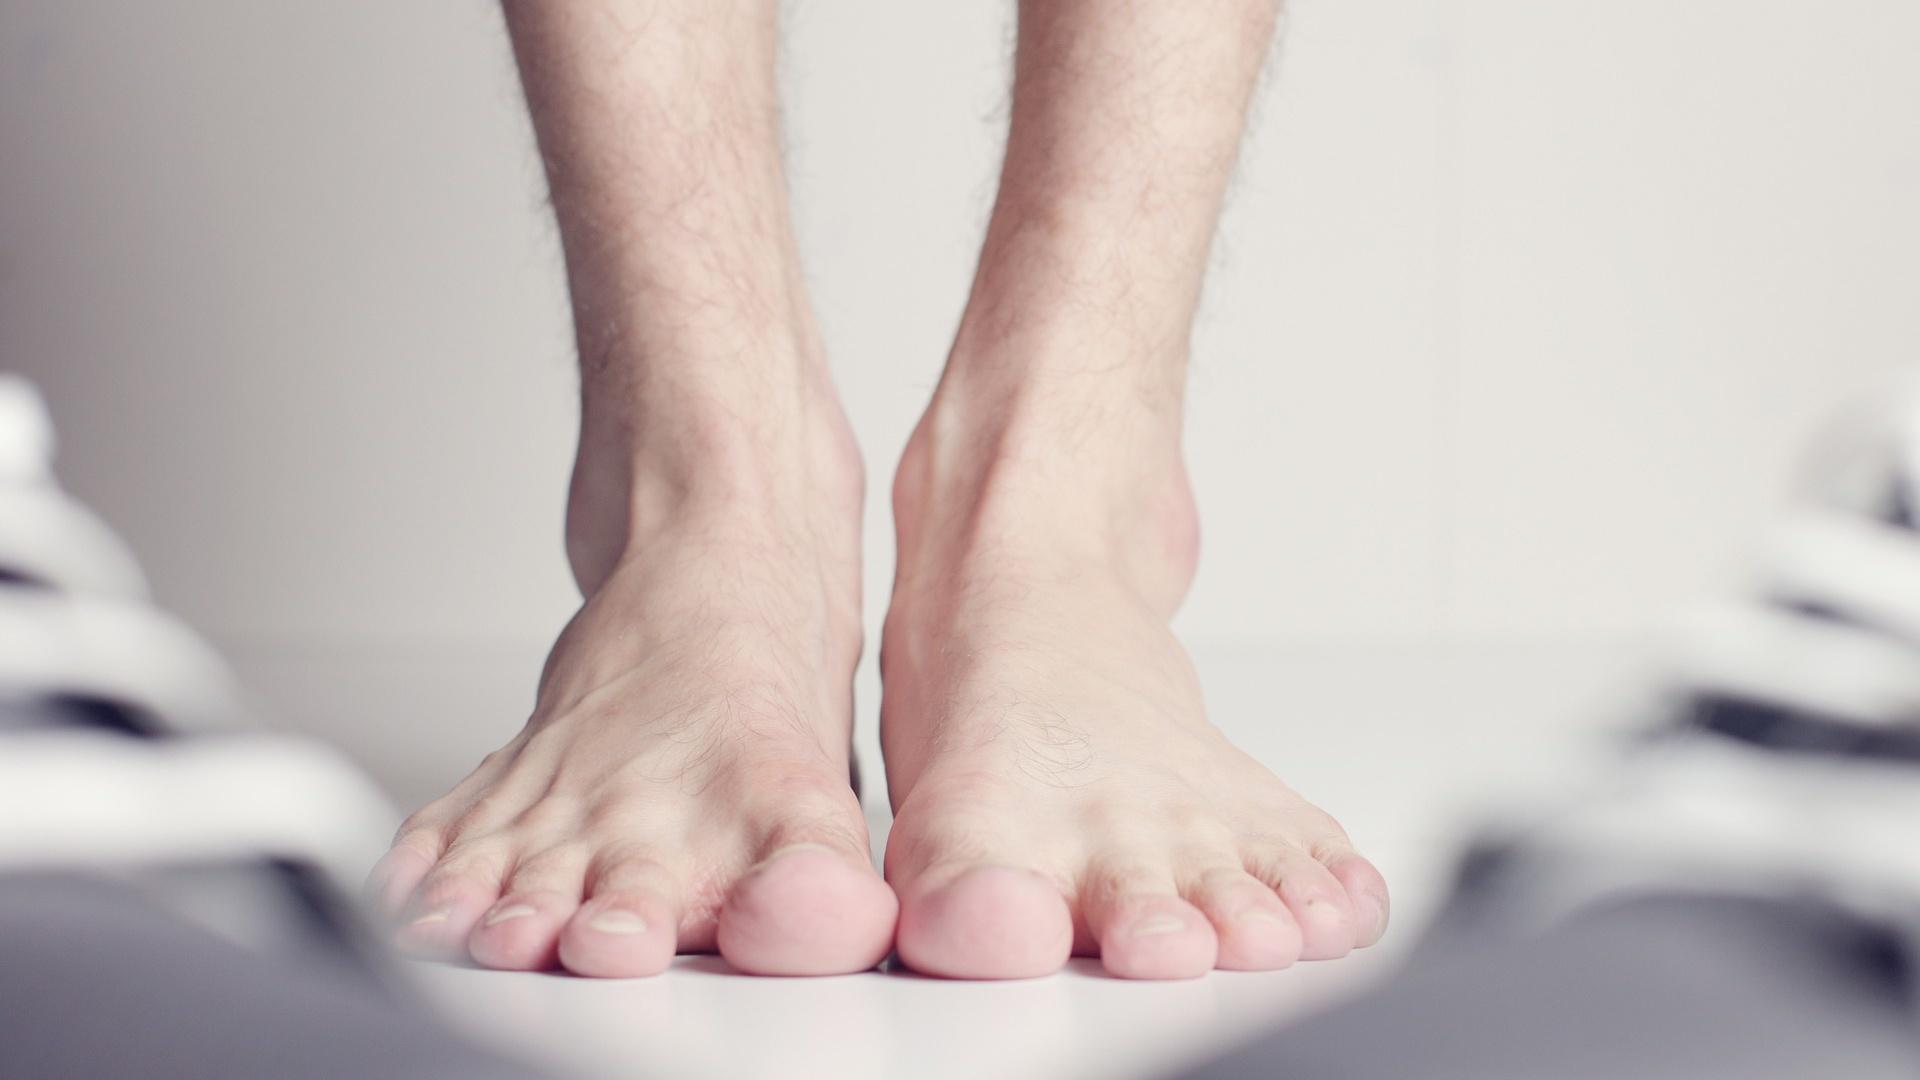 Riss im Fußnagel: Das können Sie tun